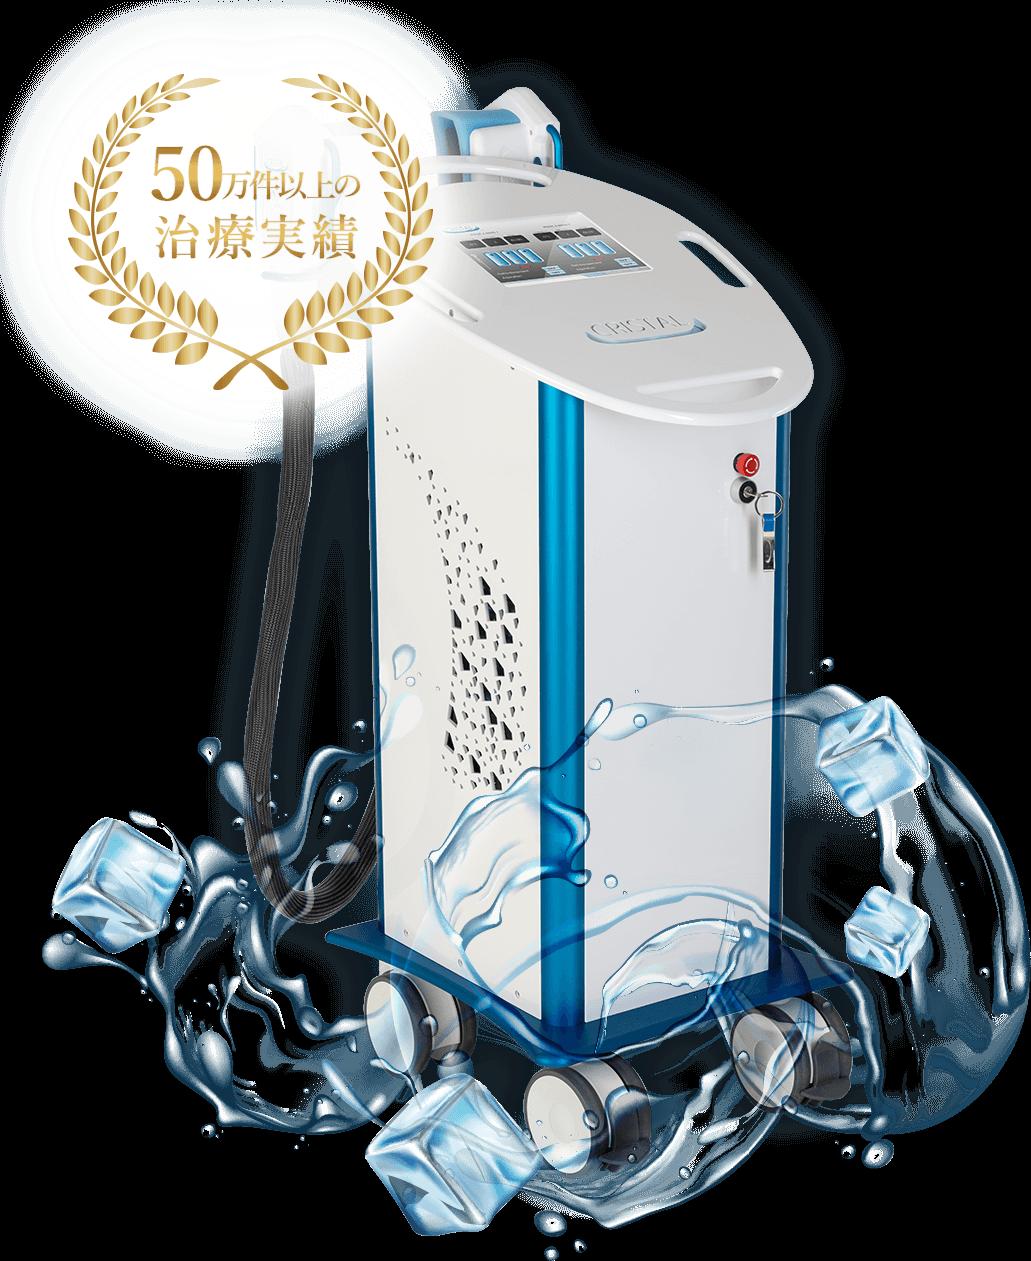 冷却脂肪分解機器 CRISTAL -50万件以上の治療実績-